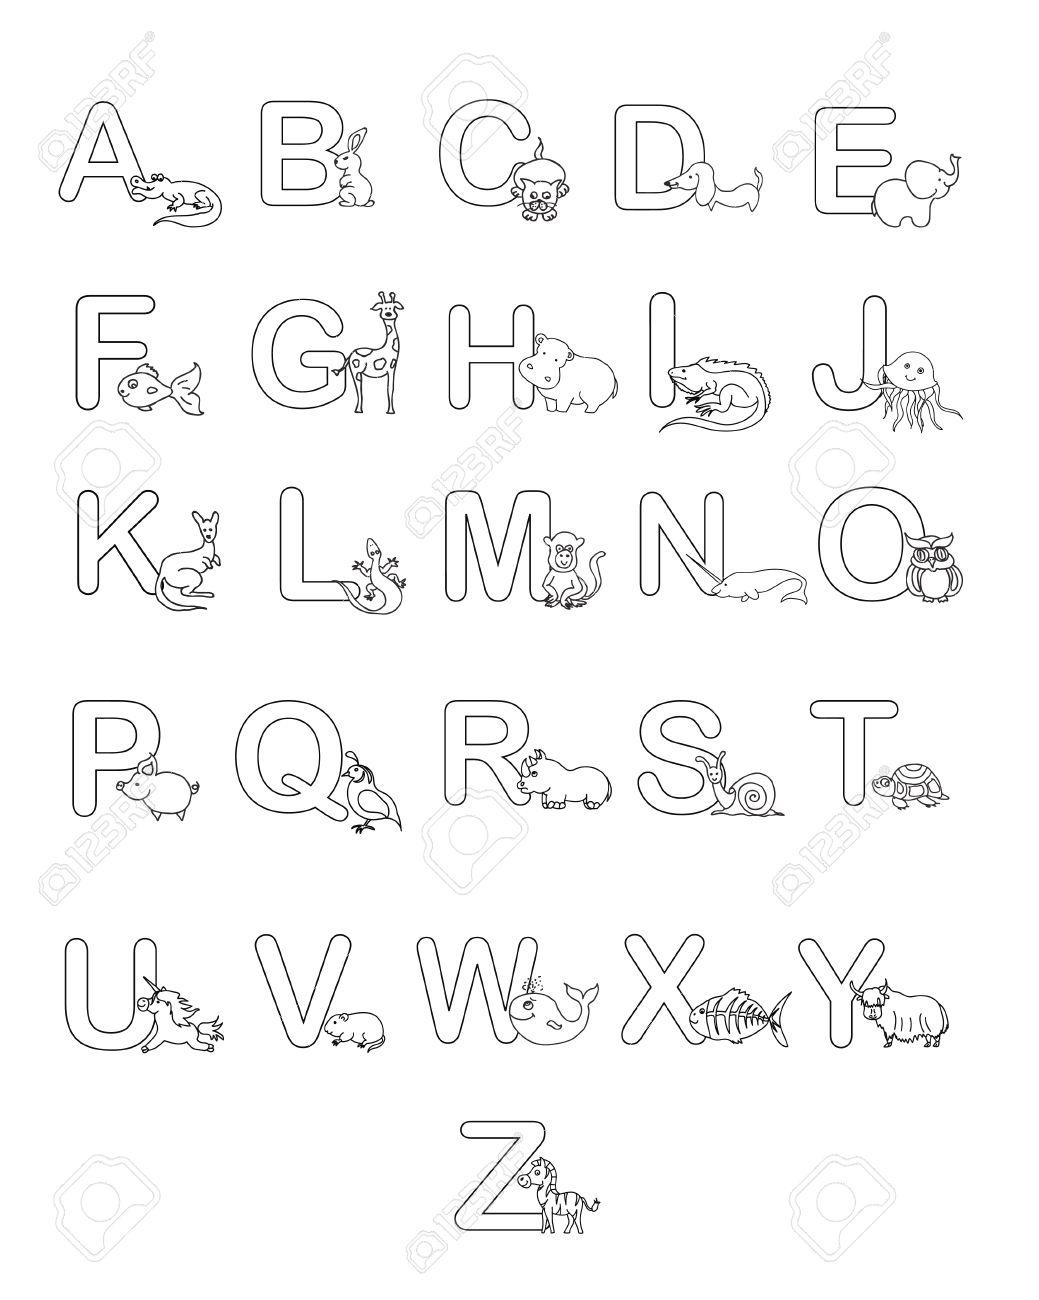 Coloriage Bebe Animaux.Alphabet Bebes Animaux Abc Coloriage Enfants